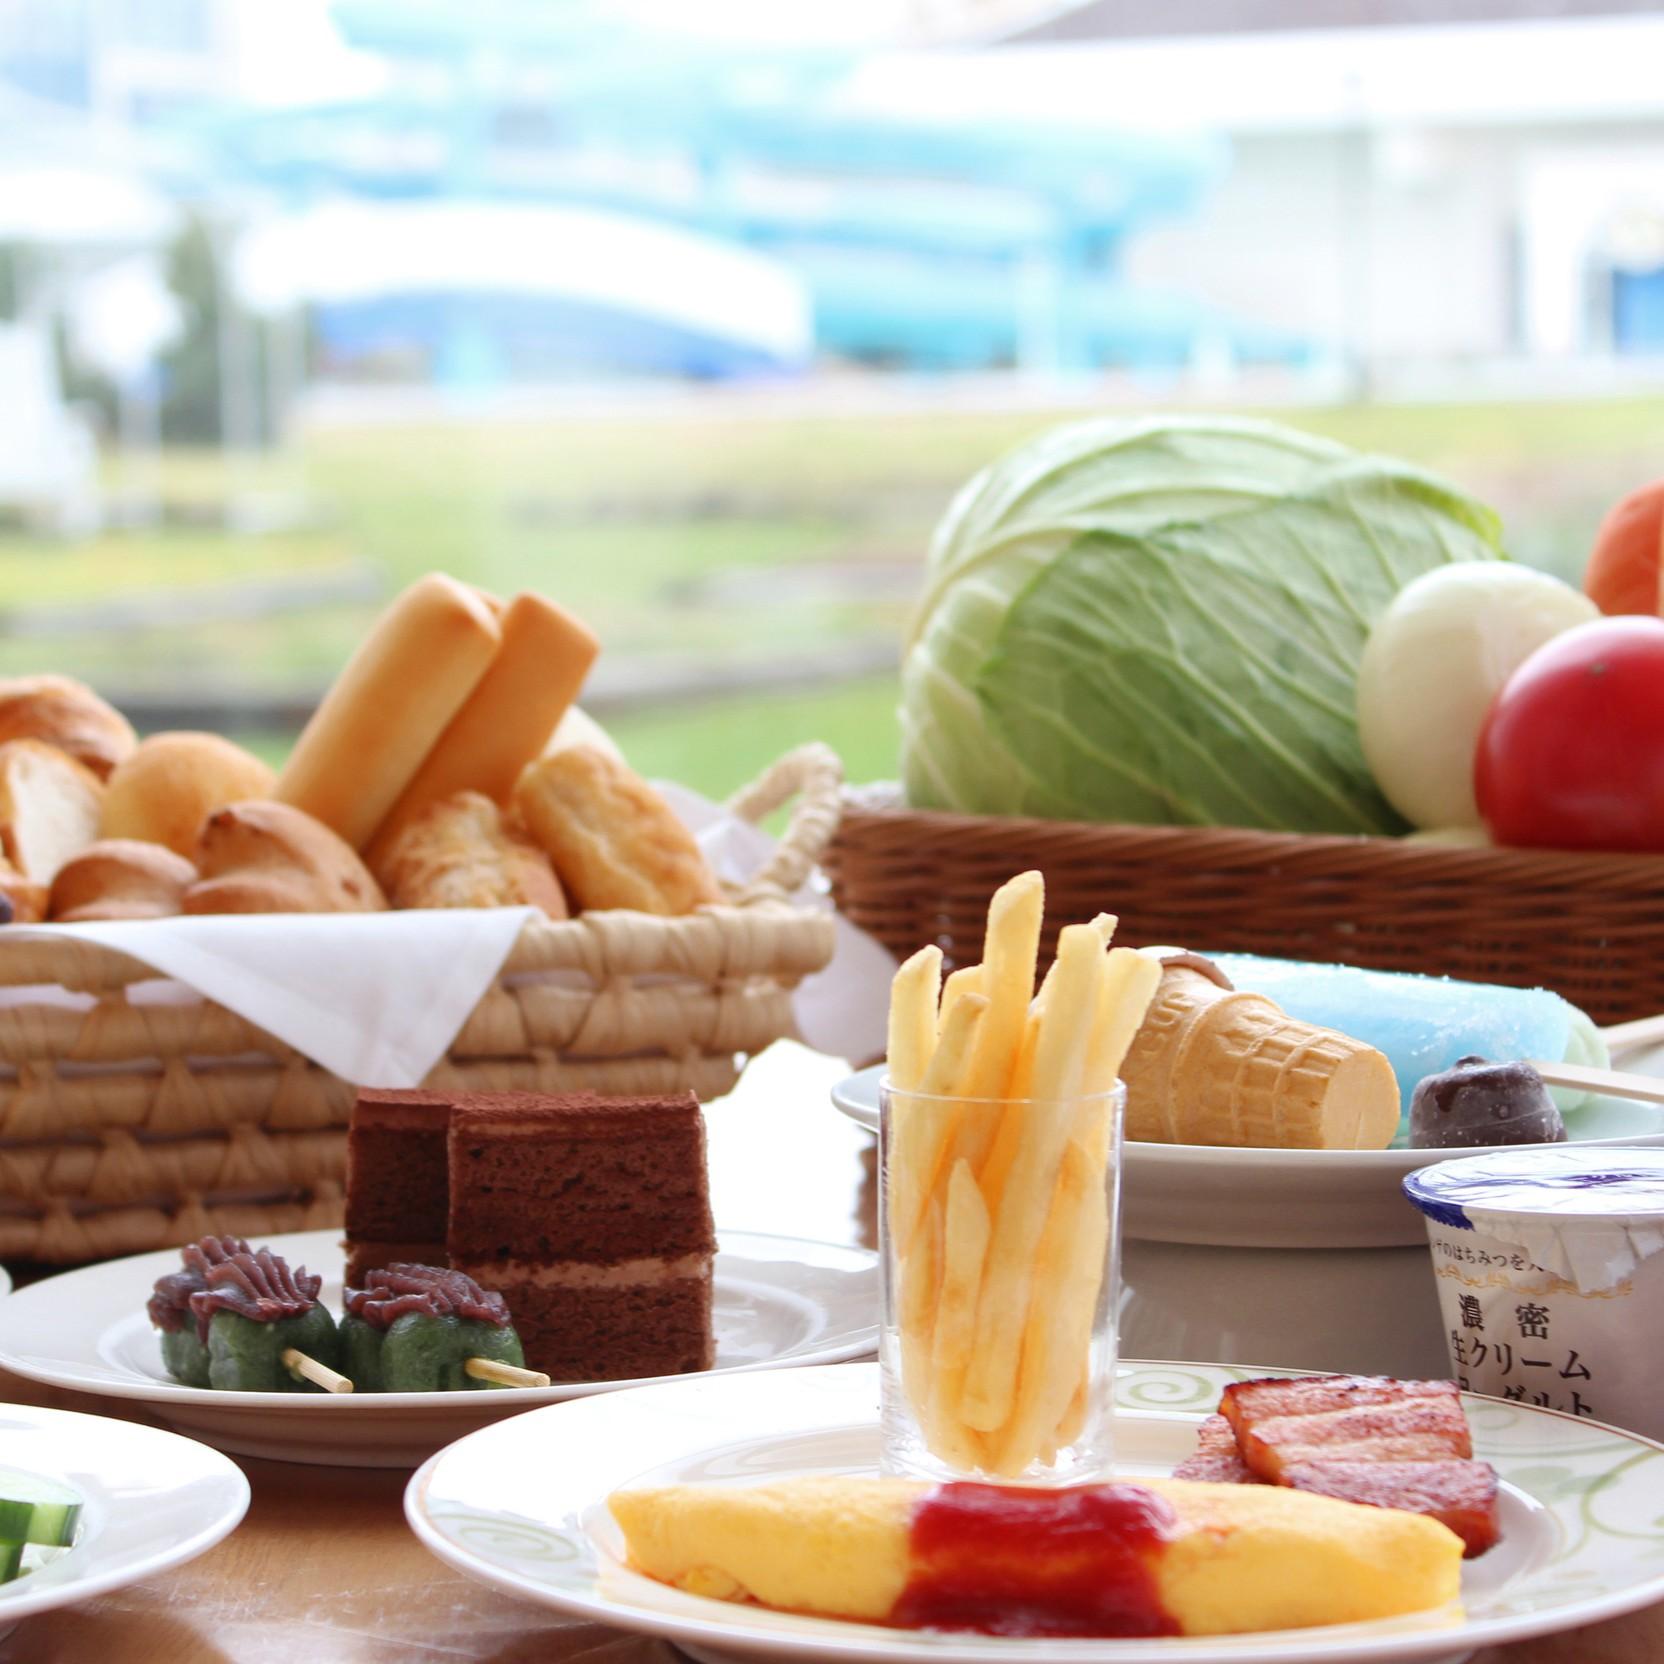 【カップルお勧め】★プールデートもたまにはいいね♪ ≪ご朝食付セミダブルプラン≫